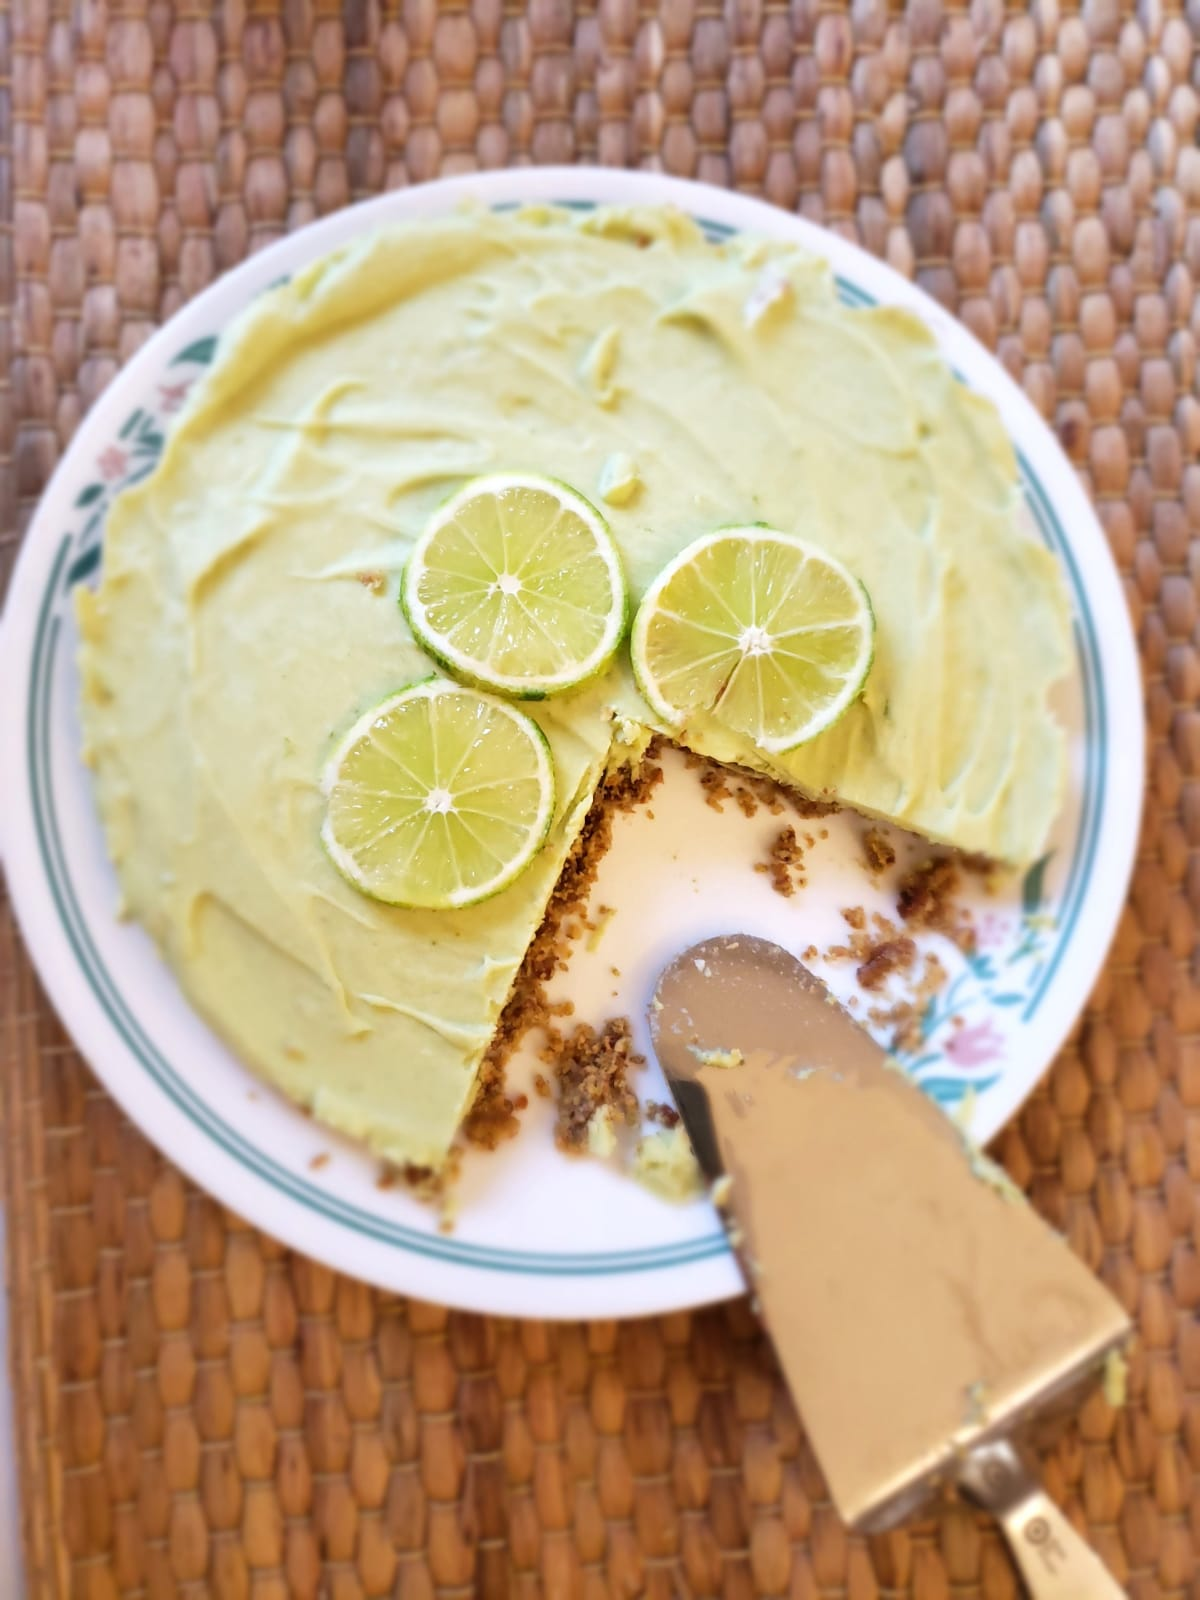 Torta crua de limão